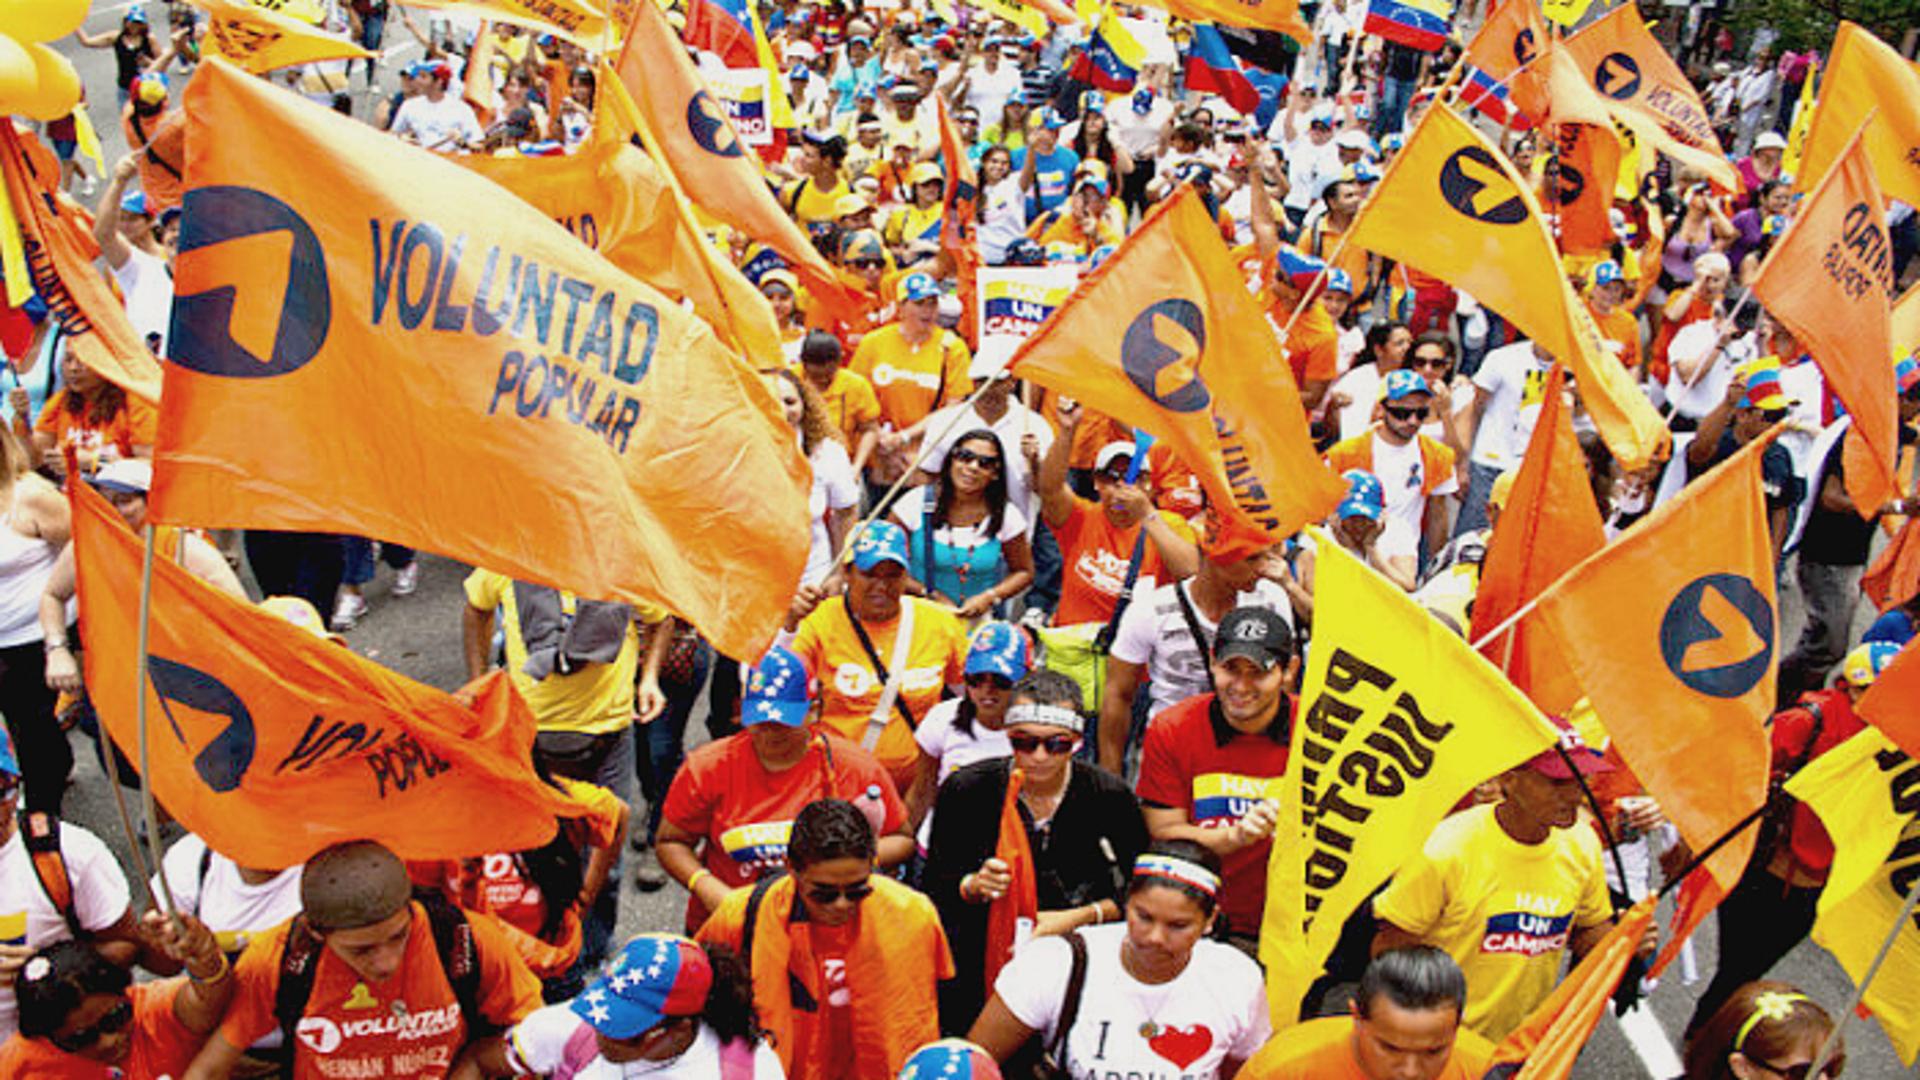 TSJ arrebata el partido Voluntad Popular a Leopoldo López y nombra junta directiva Ad-Hoc